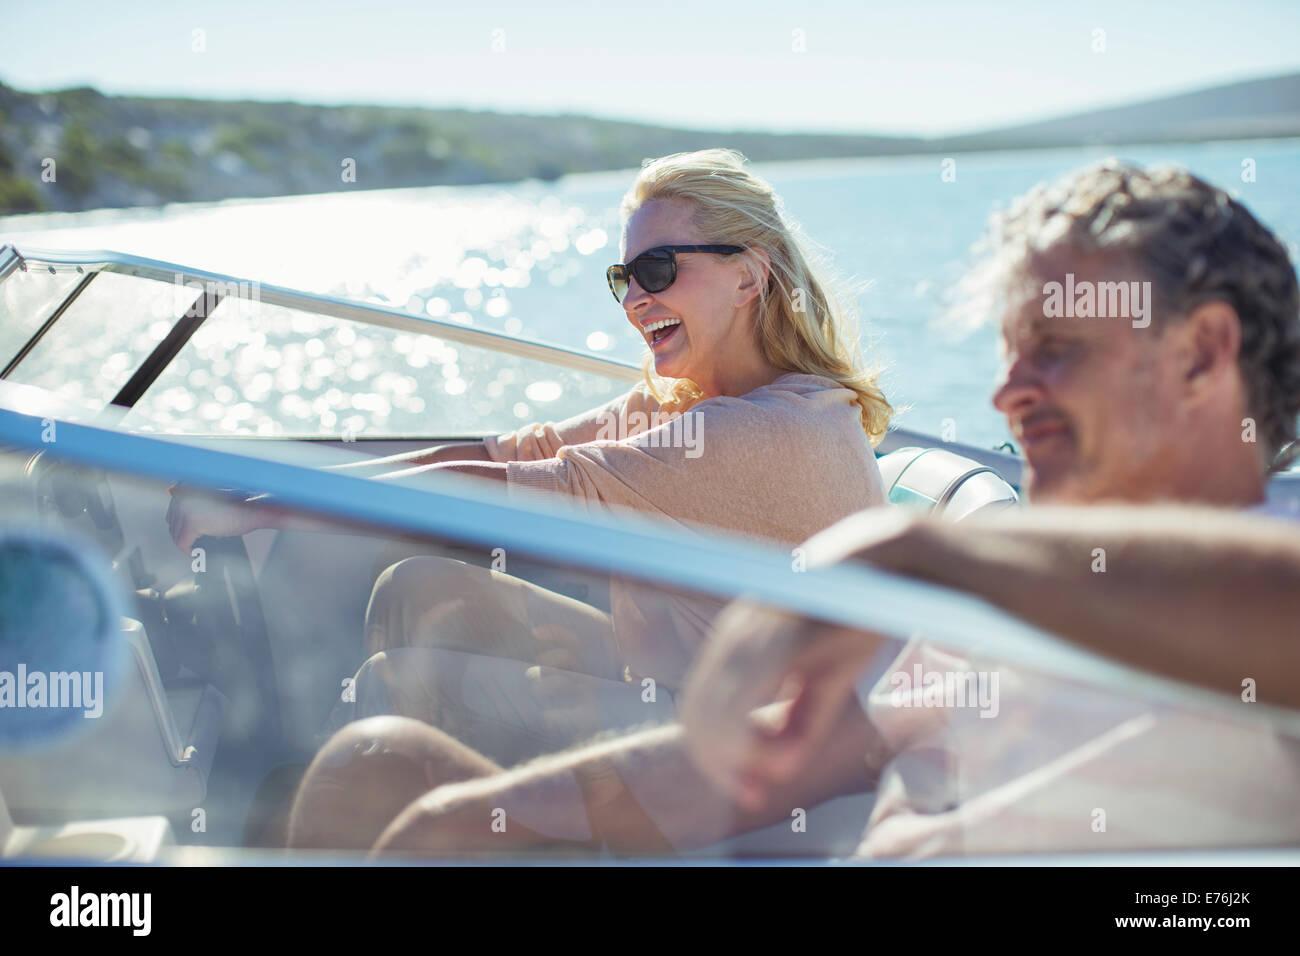 Bateau de Moteur couple dans l'eau Photo Stock